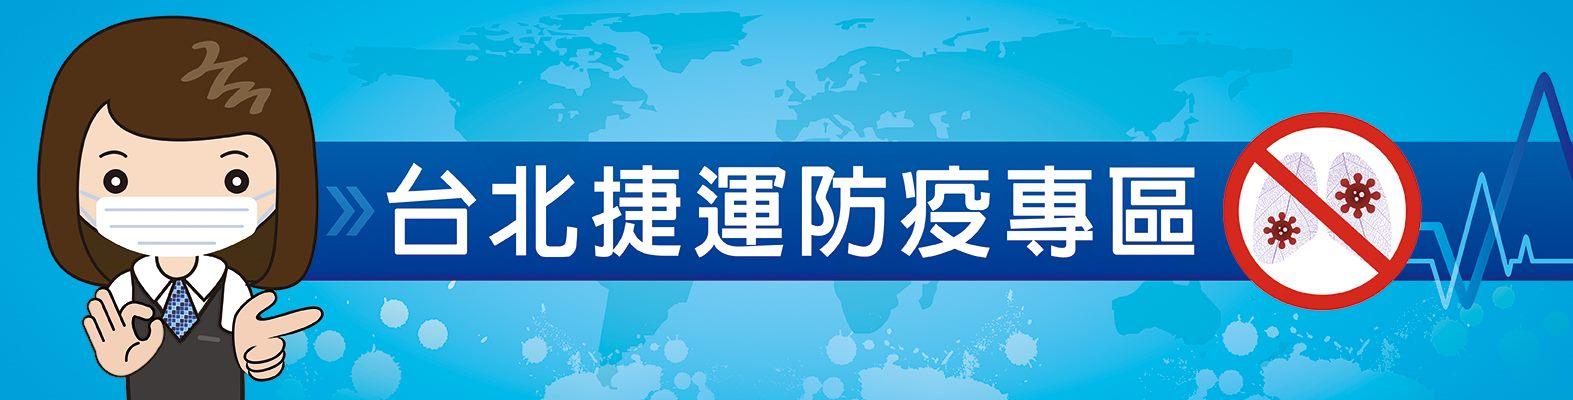 台北捷運防疫專區